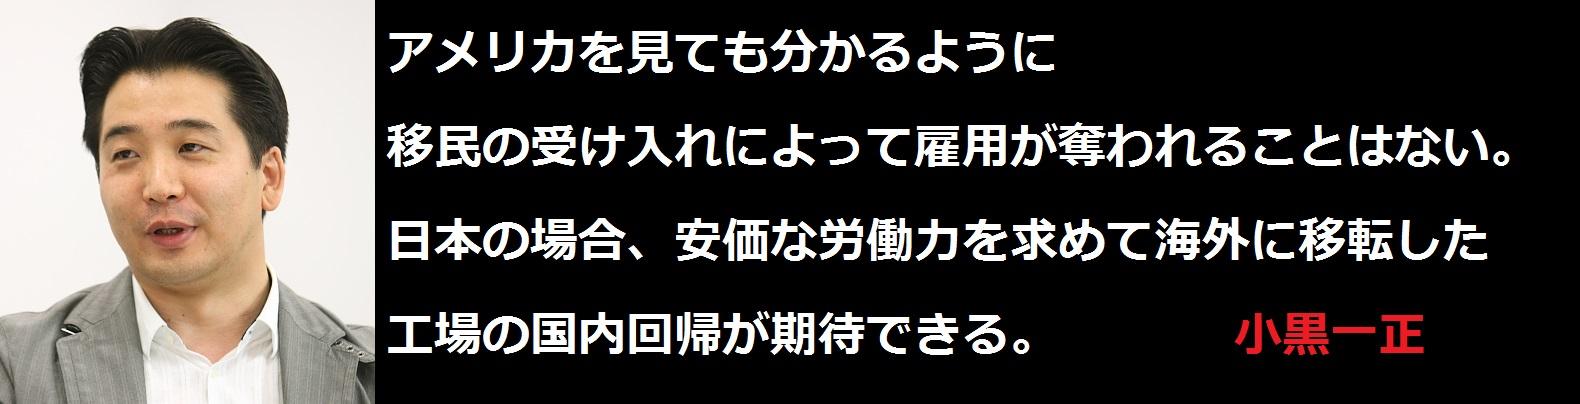 f:id:JAPbuster:20170219014308j:plain